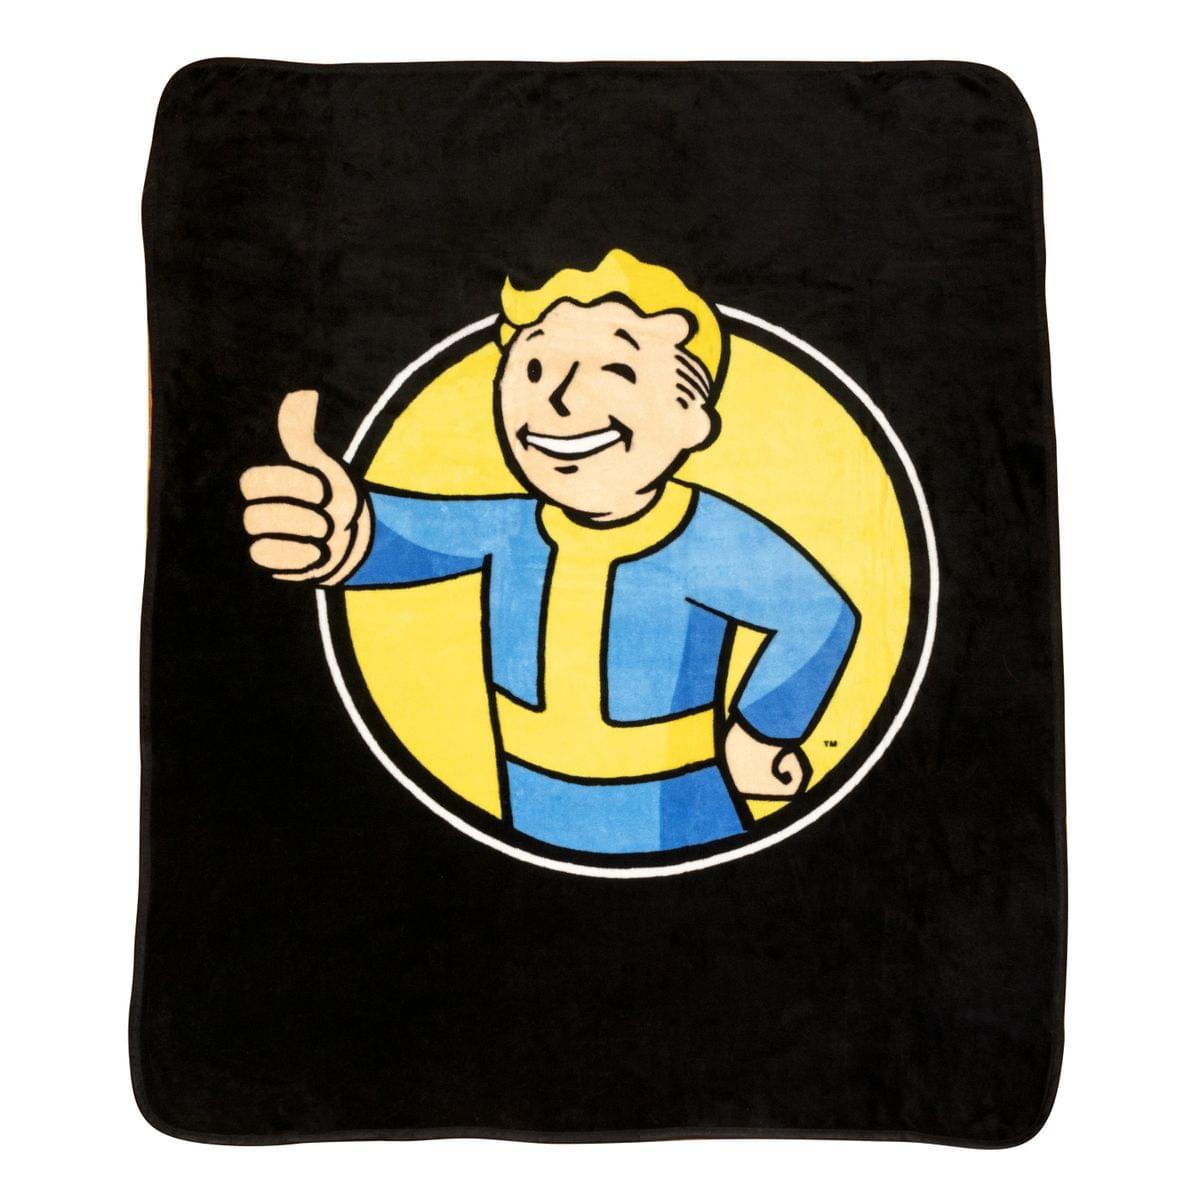 Fallout Vault Boy Lightweight Fleece Throw Blanket | 45 x 60 Inches